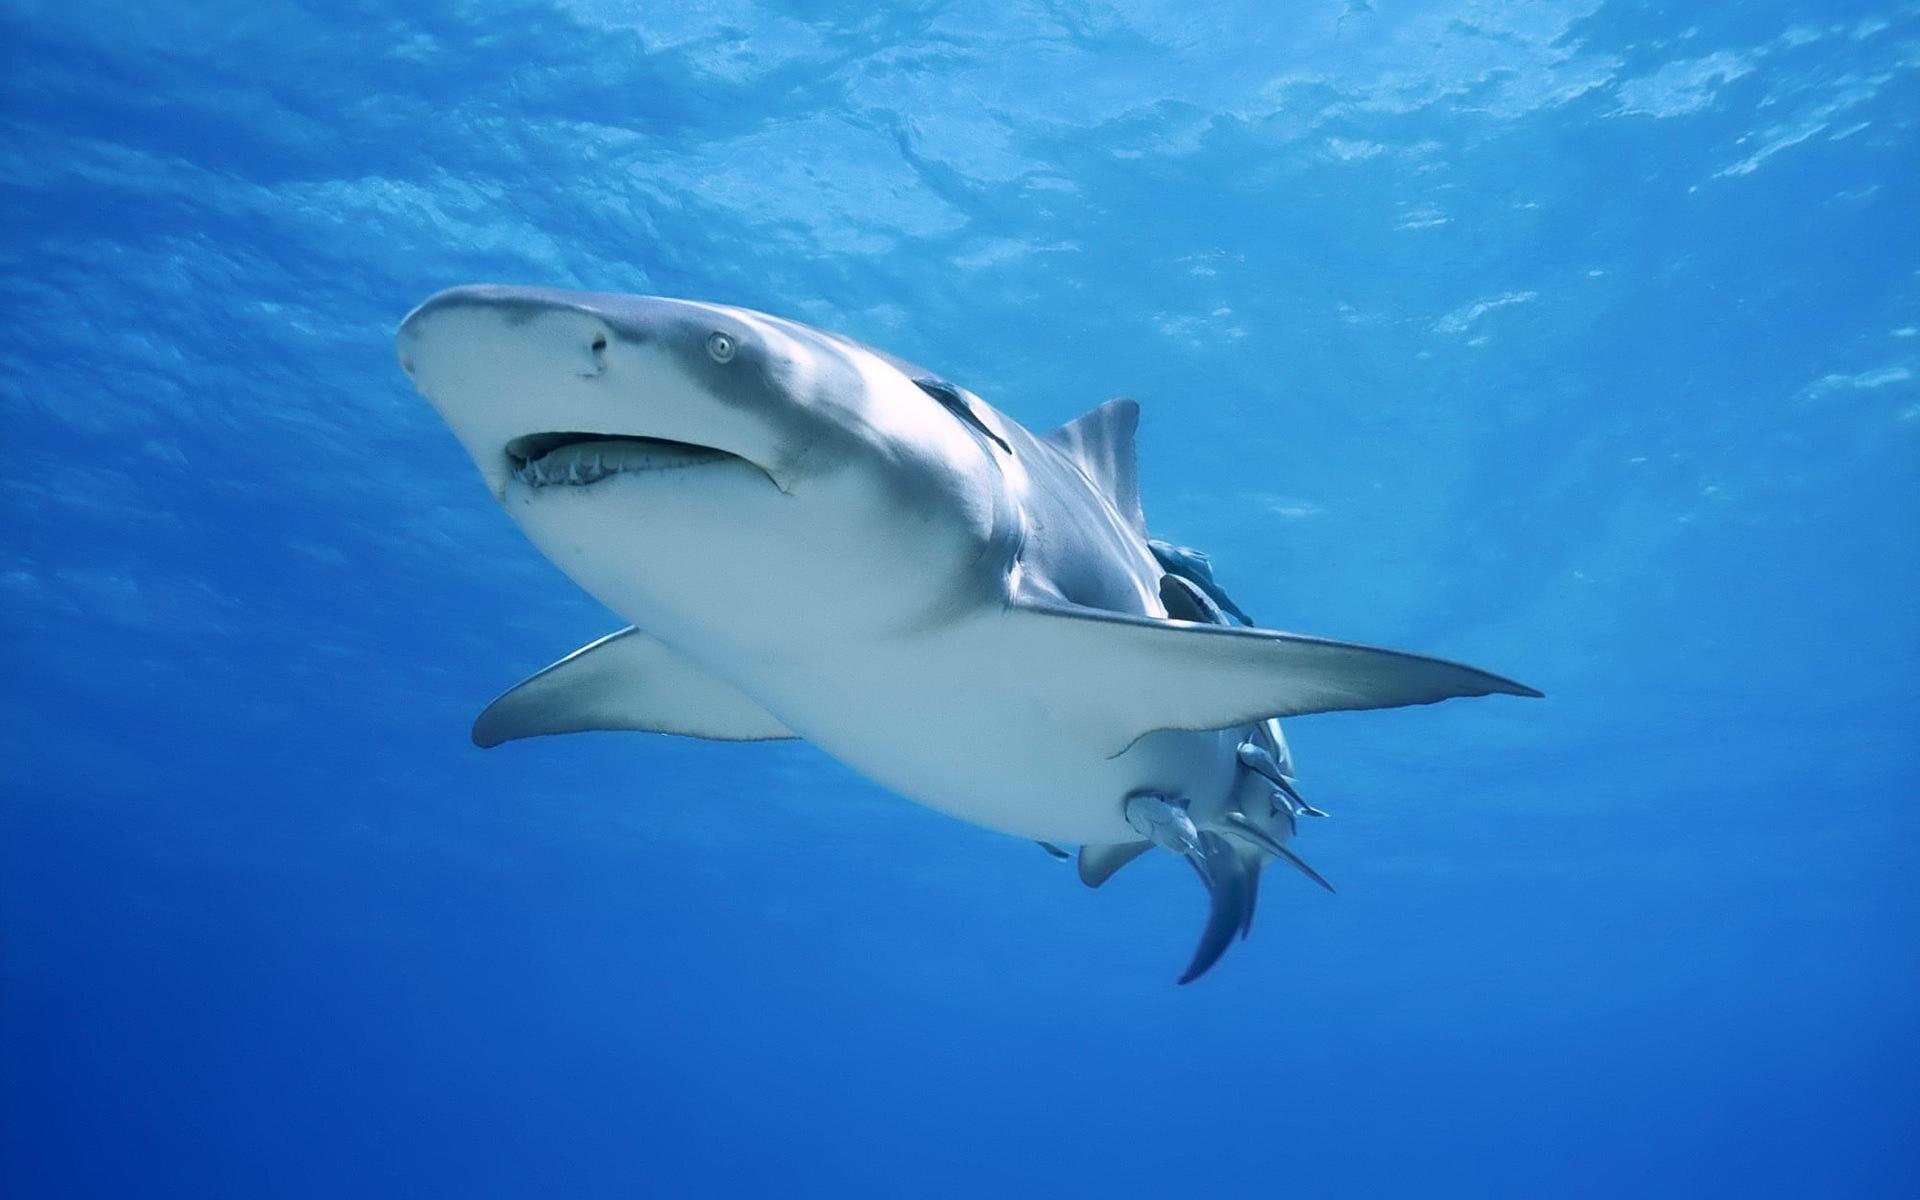 картинки красивых белых акул меня, однако, запись